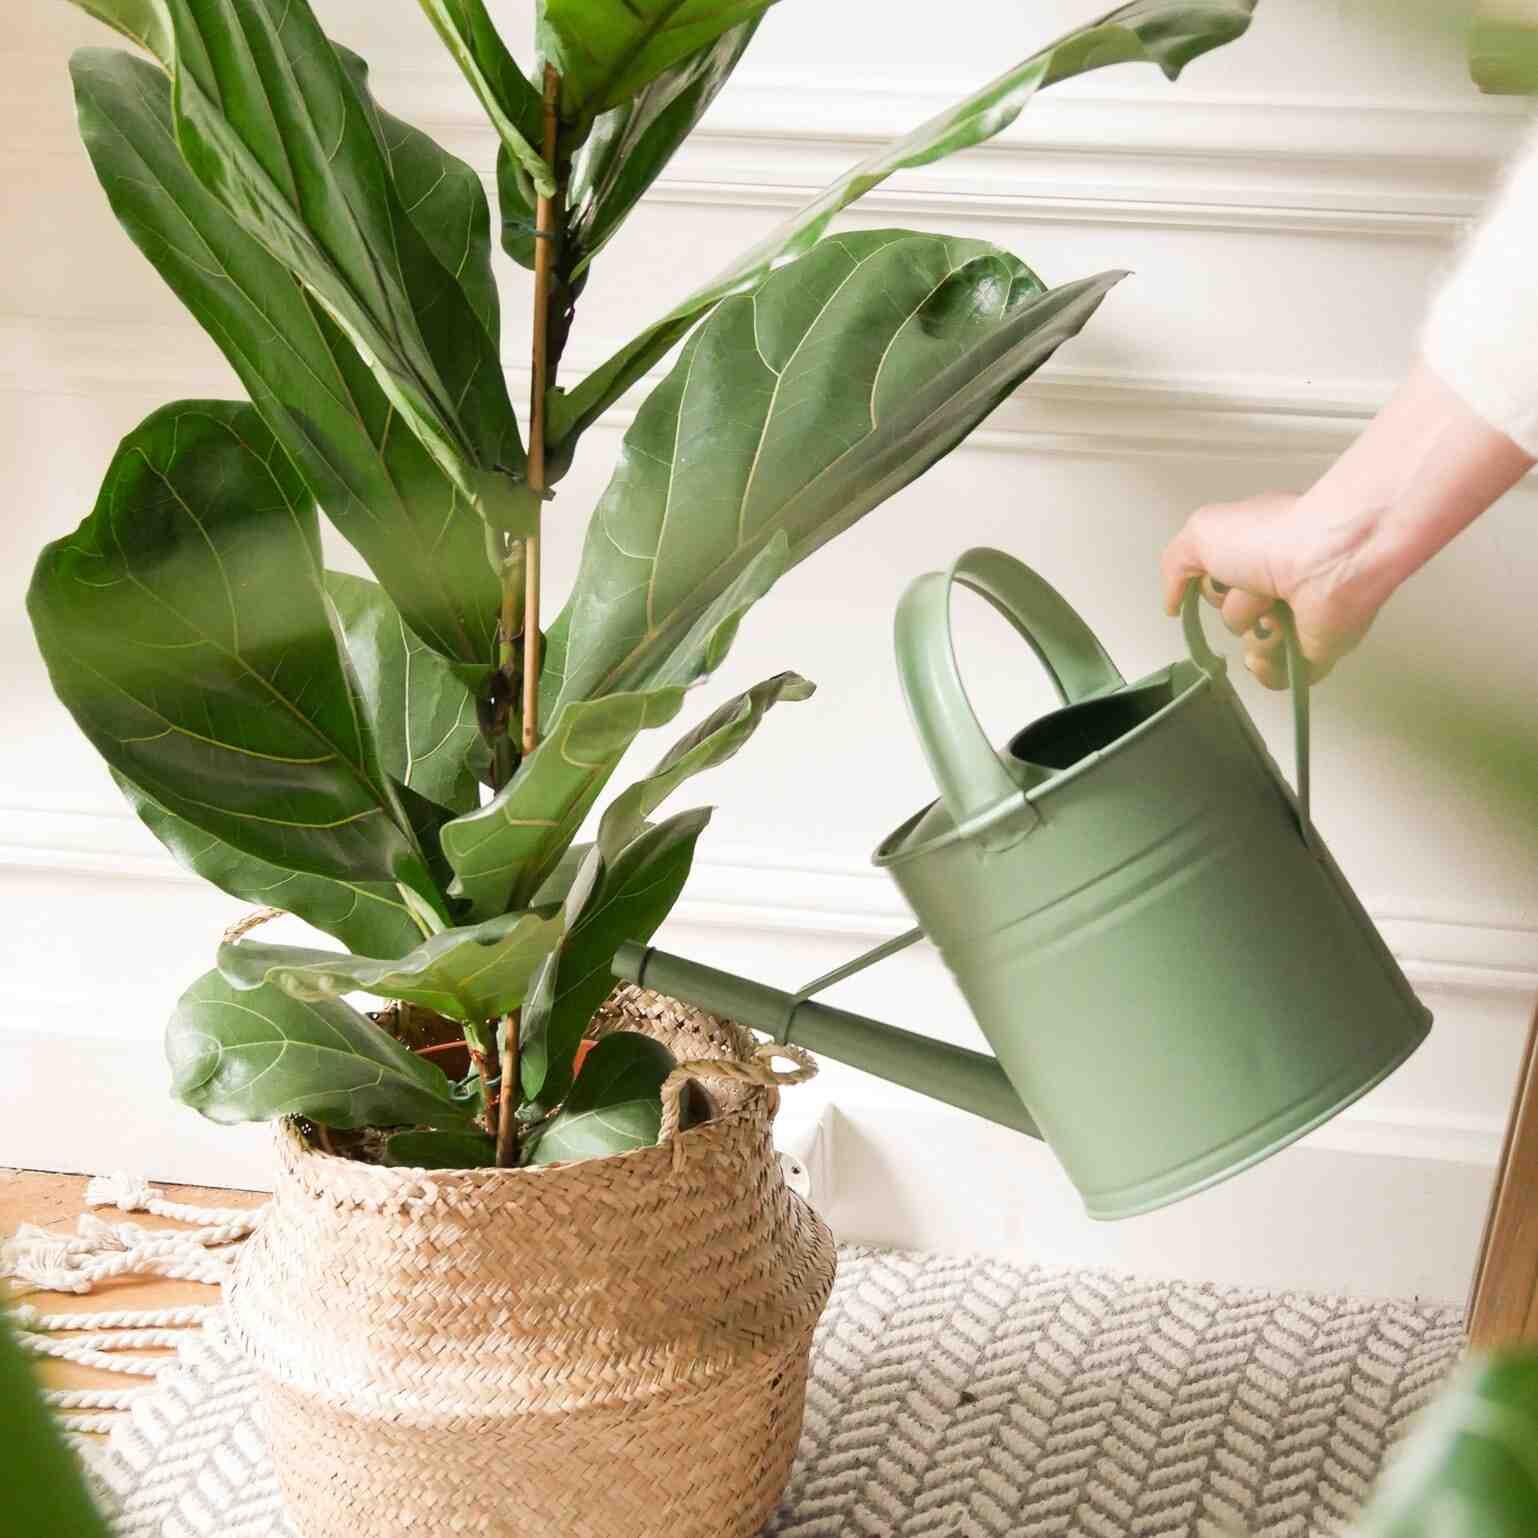 Comment entretenir les feuilles de votre plante verte ?